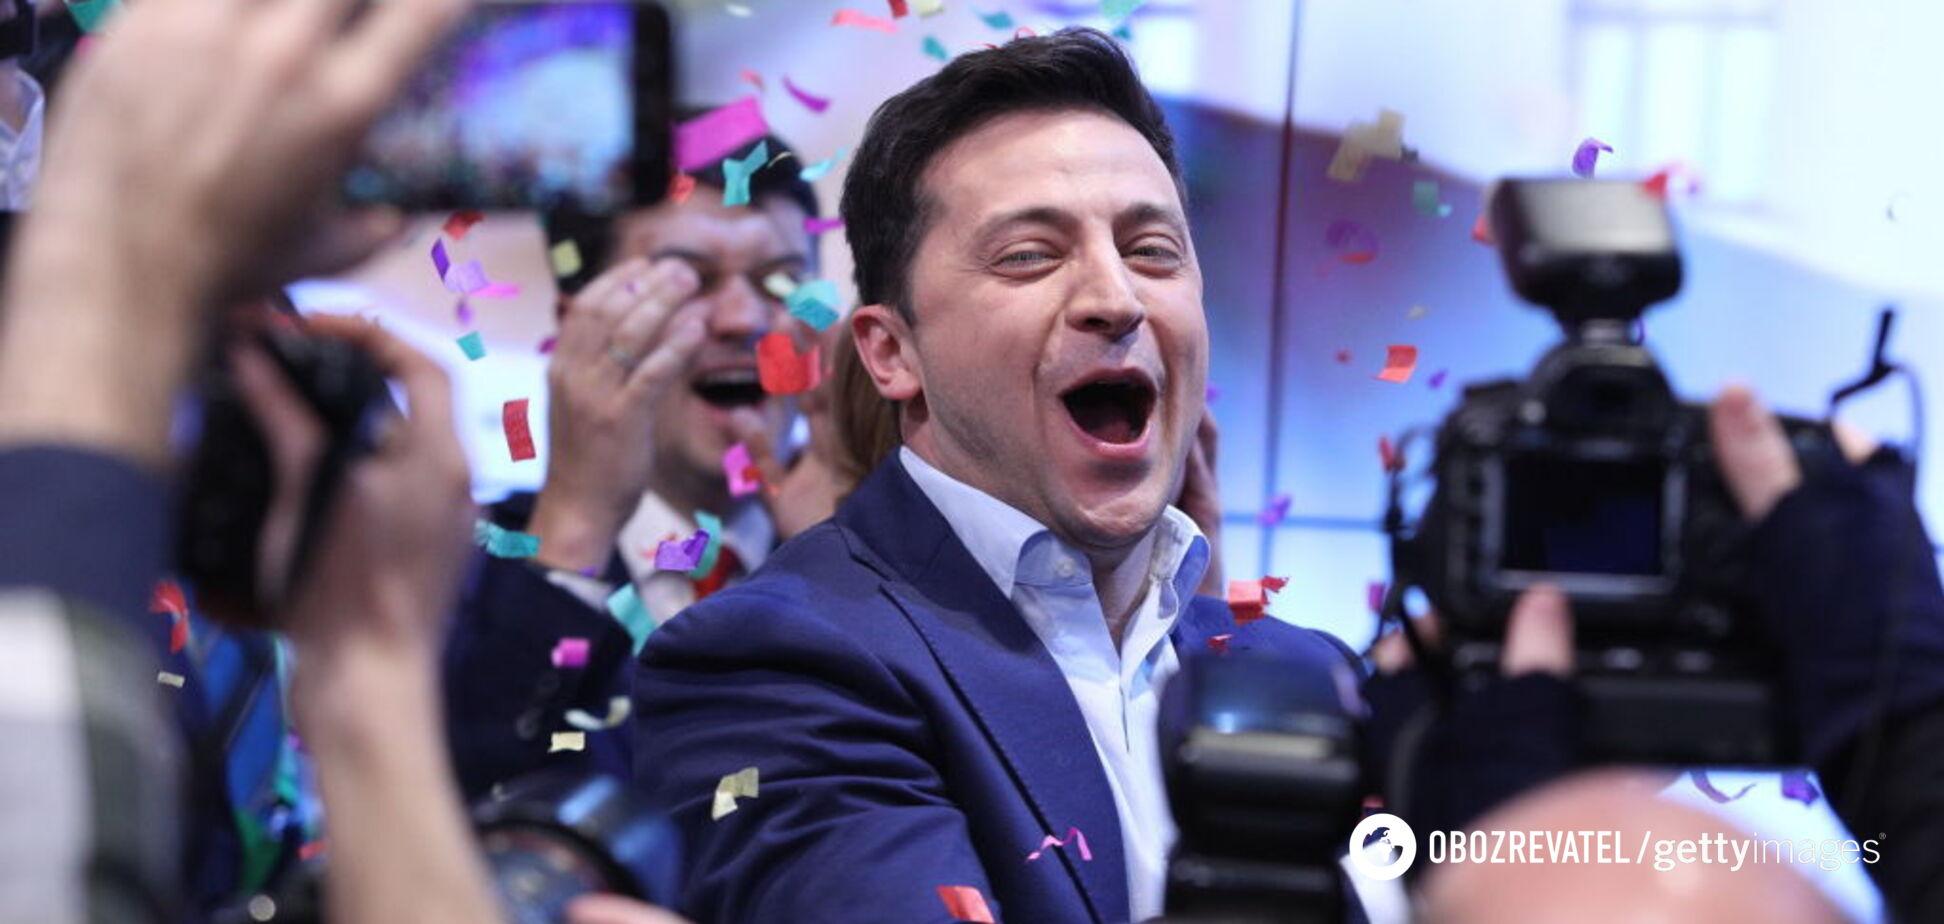 Социолог пояснила феноменальный успех Зеленского на выборах